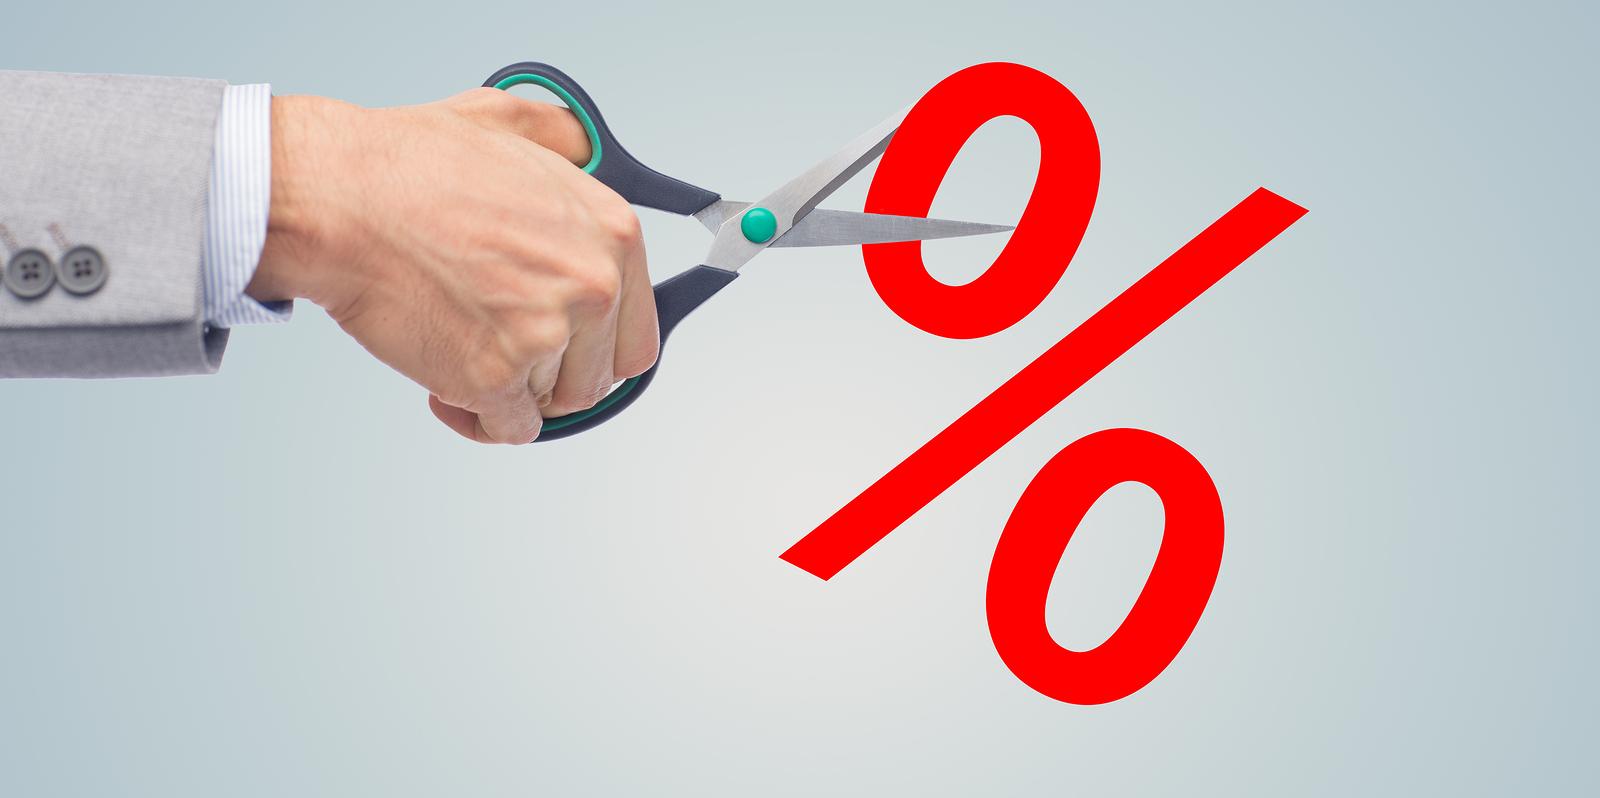 Как рефинансировать ипотеку в ВТБ 24 под более низкий процент